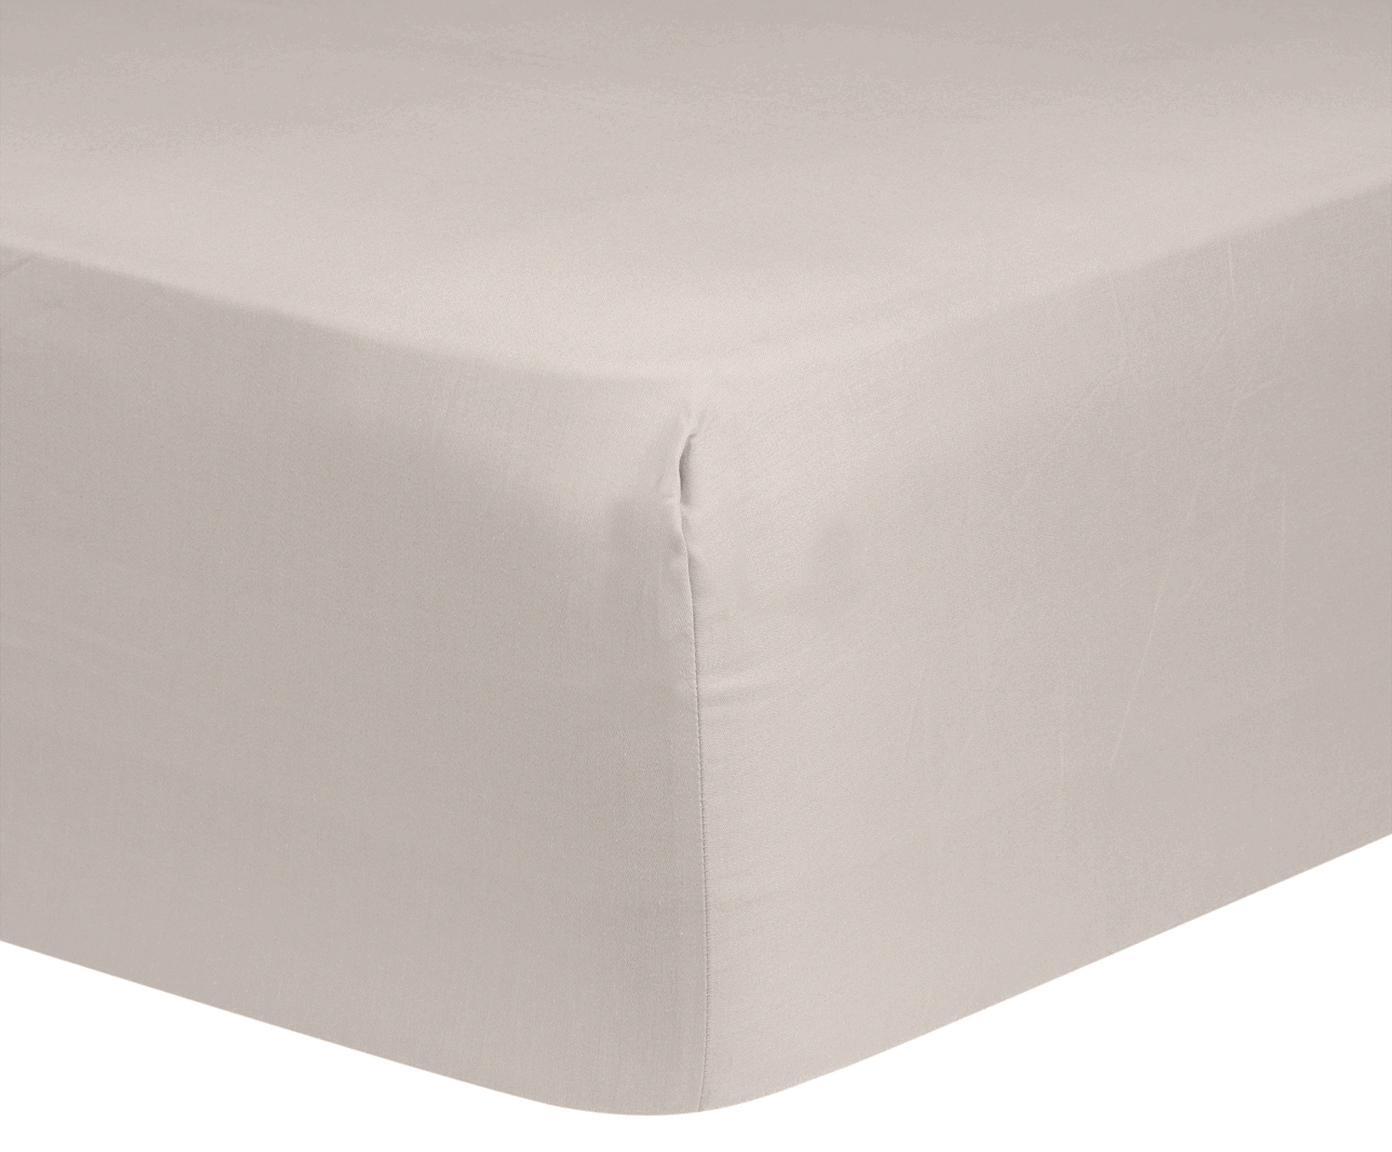 Prześcieradło z gumką na łóżko kontynentalne z satyny bawełnianej Comfort, Taupe, S 200 x D 200 cm